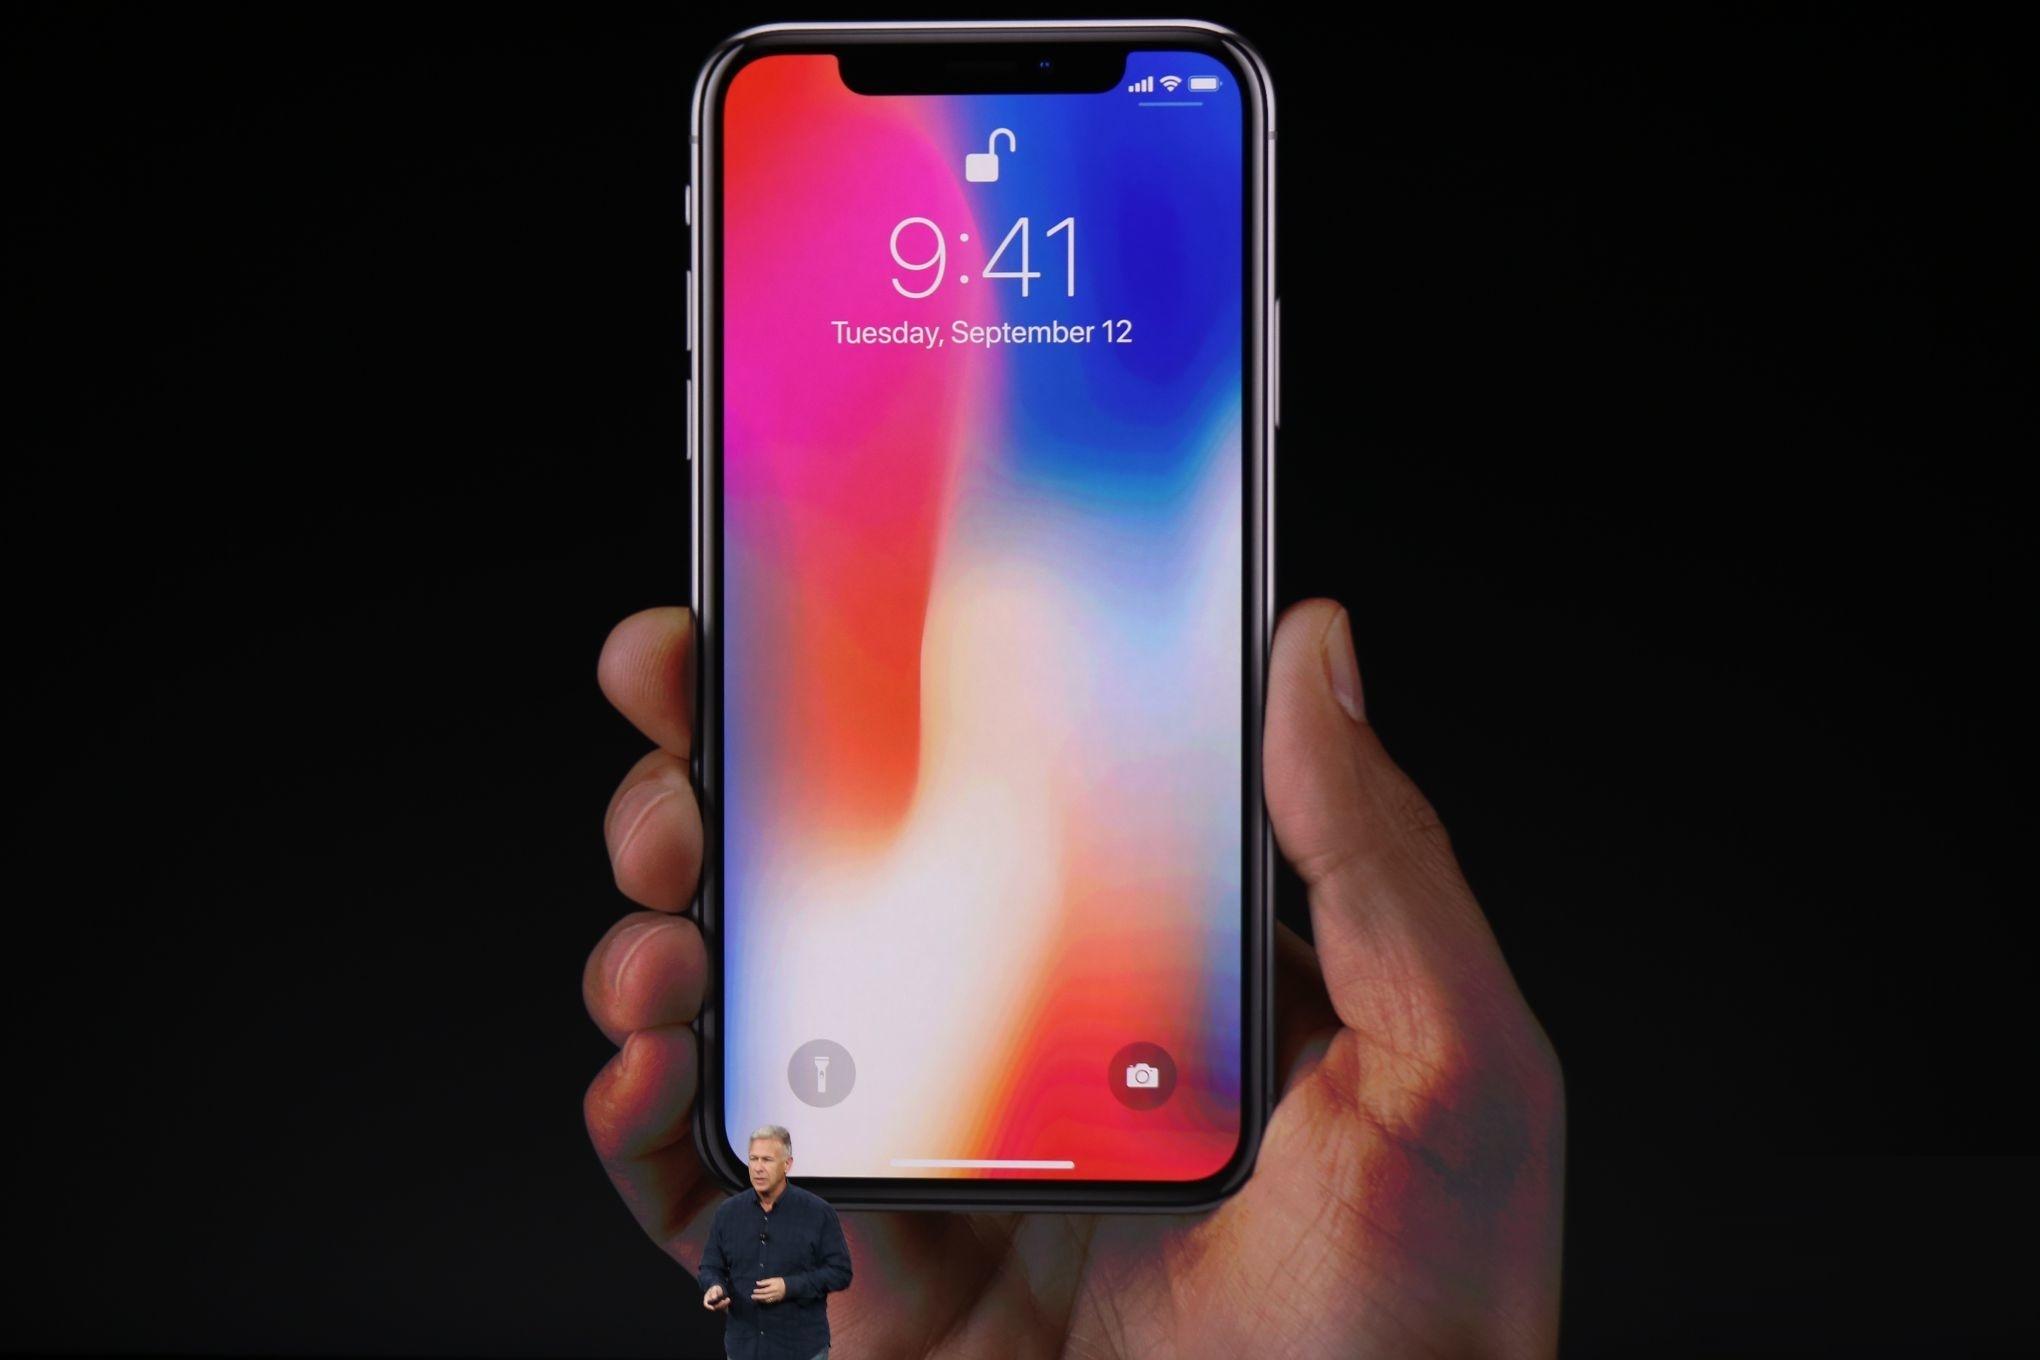 手机中心手机苹果新闻苹果形成鲜明对比的是,手机是唯一在印度平板苹果用不了爱奇艺图片